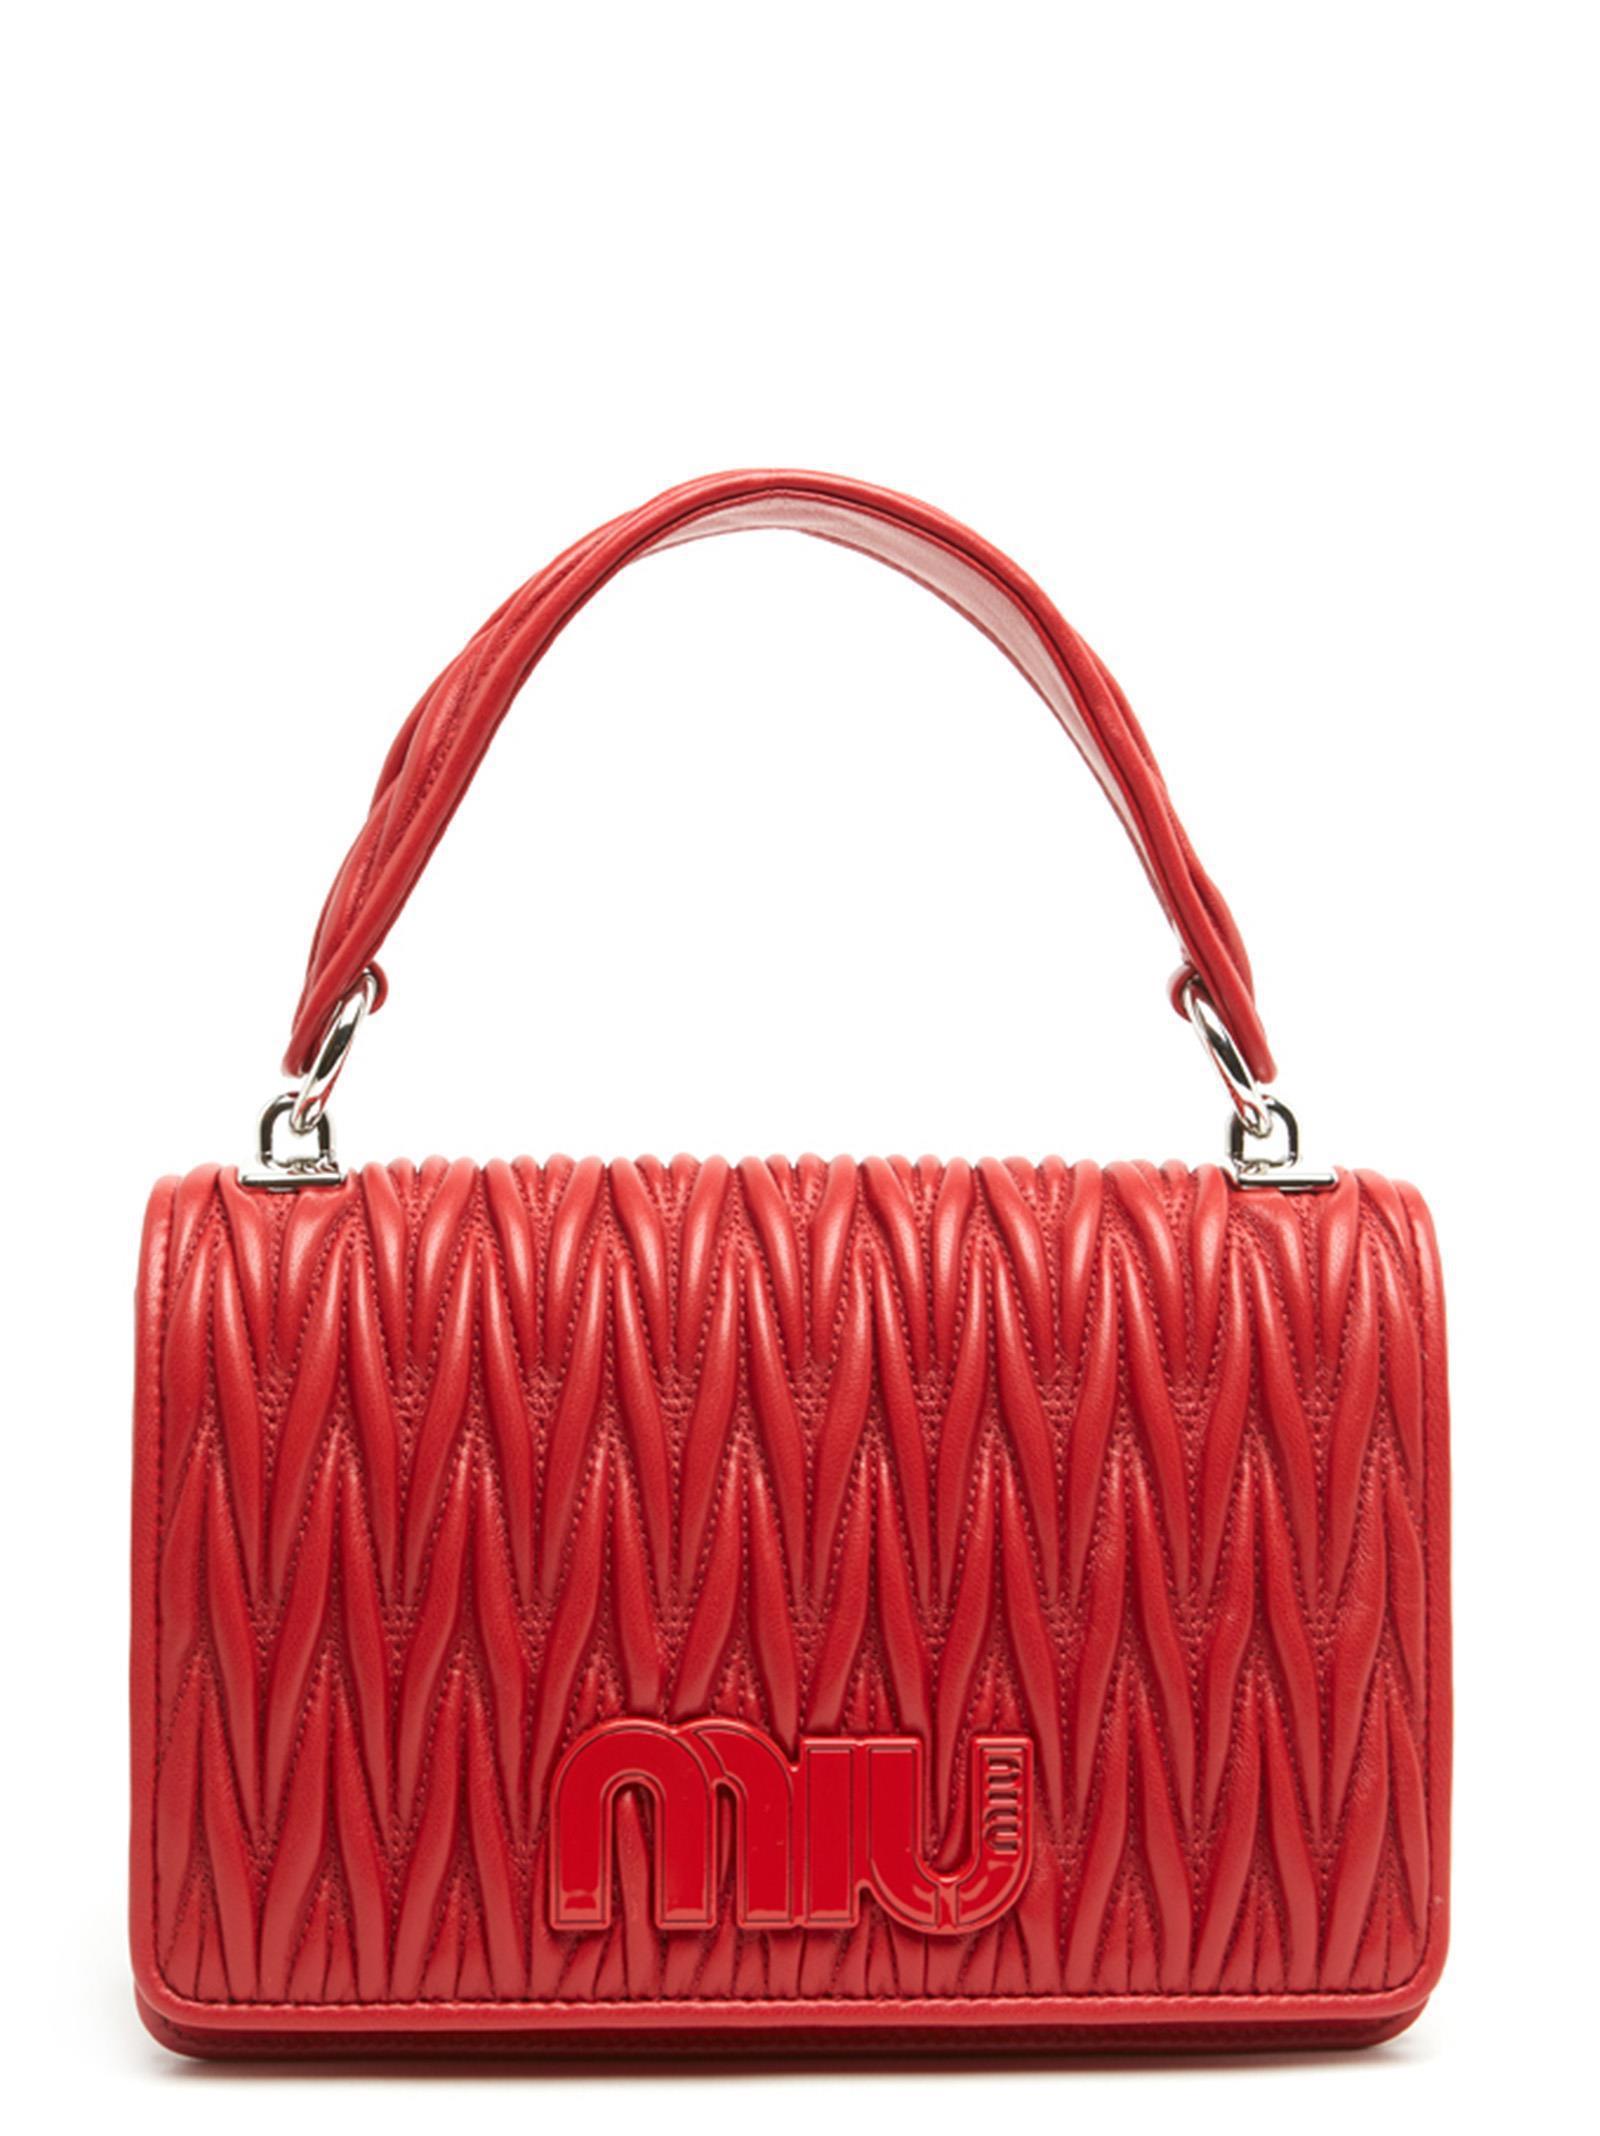 6adaea93b796 Miu Miu Matelassé Shoulder Bag in Red - Save 30.92161929371231% - Lyst